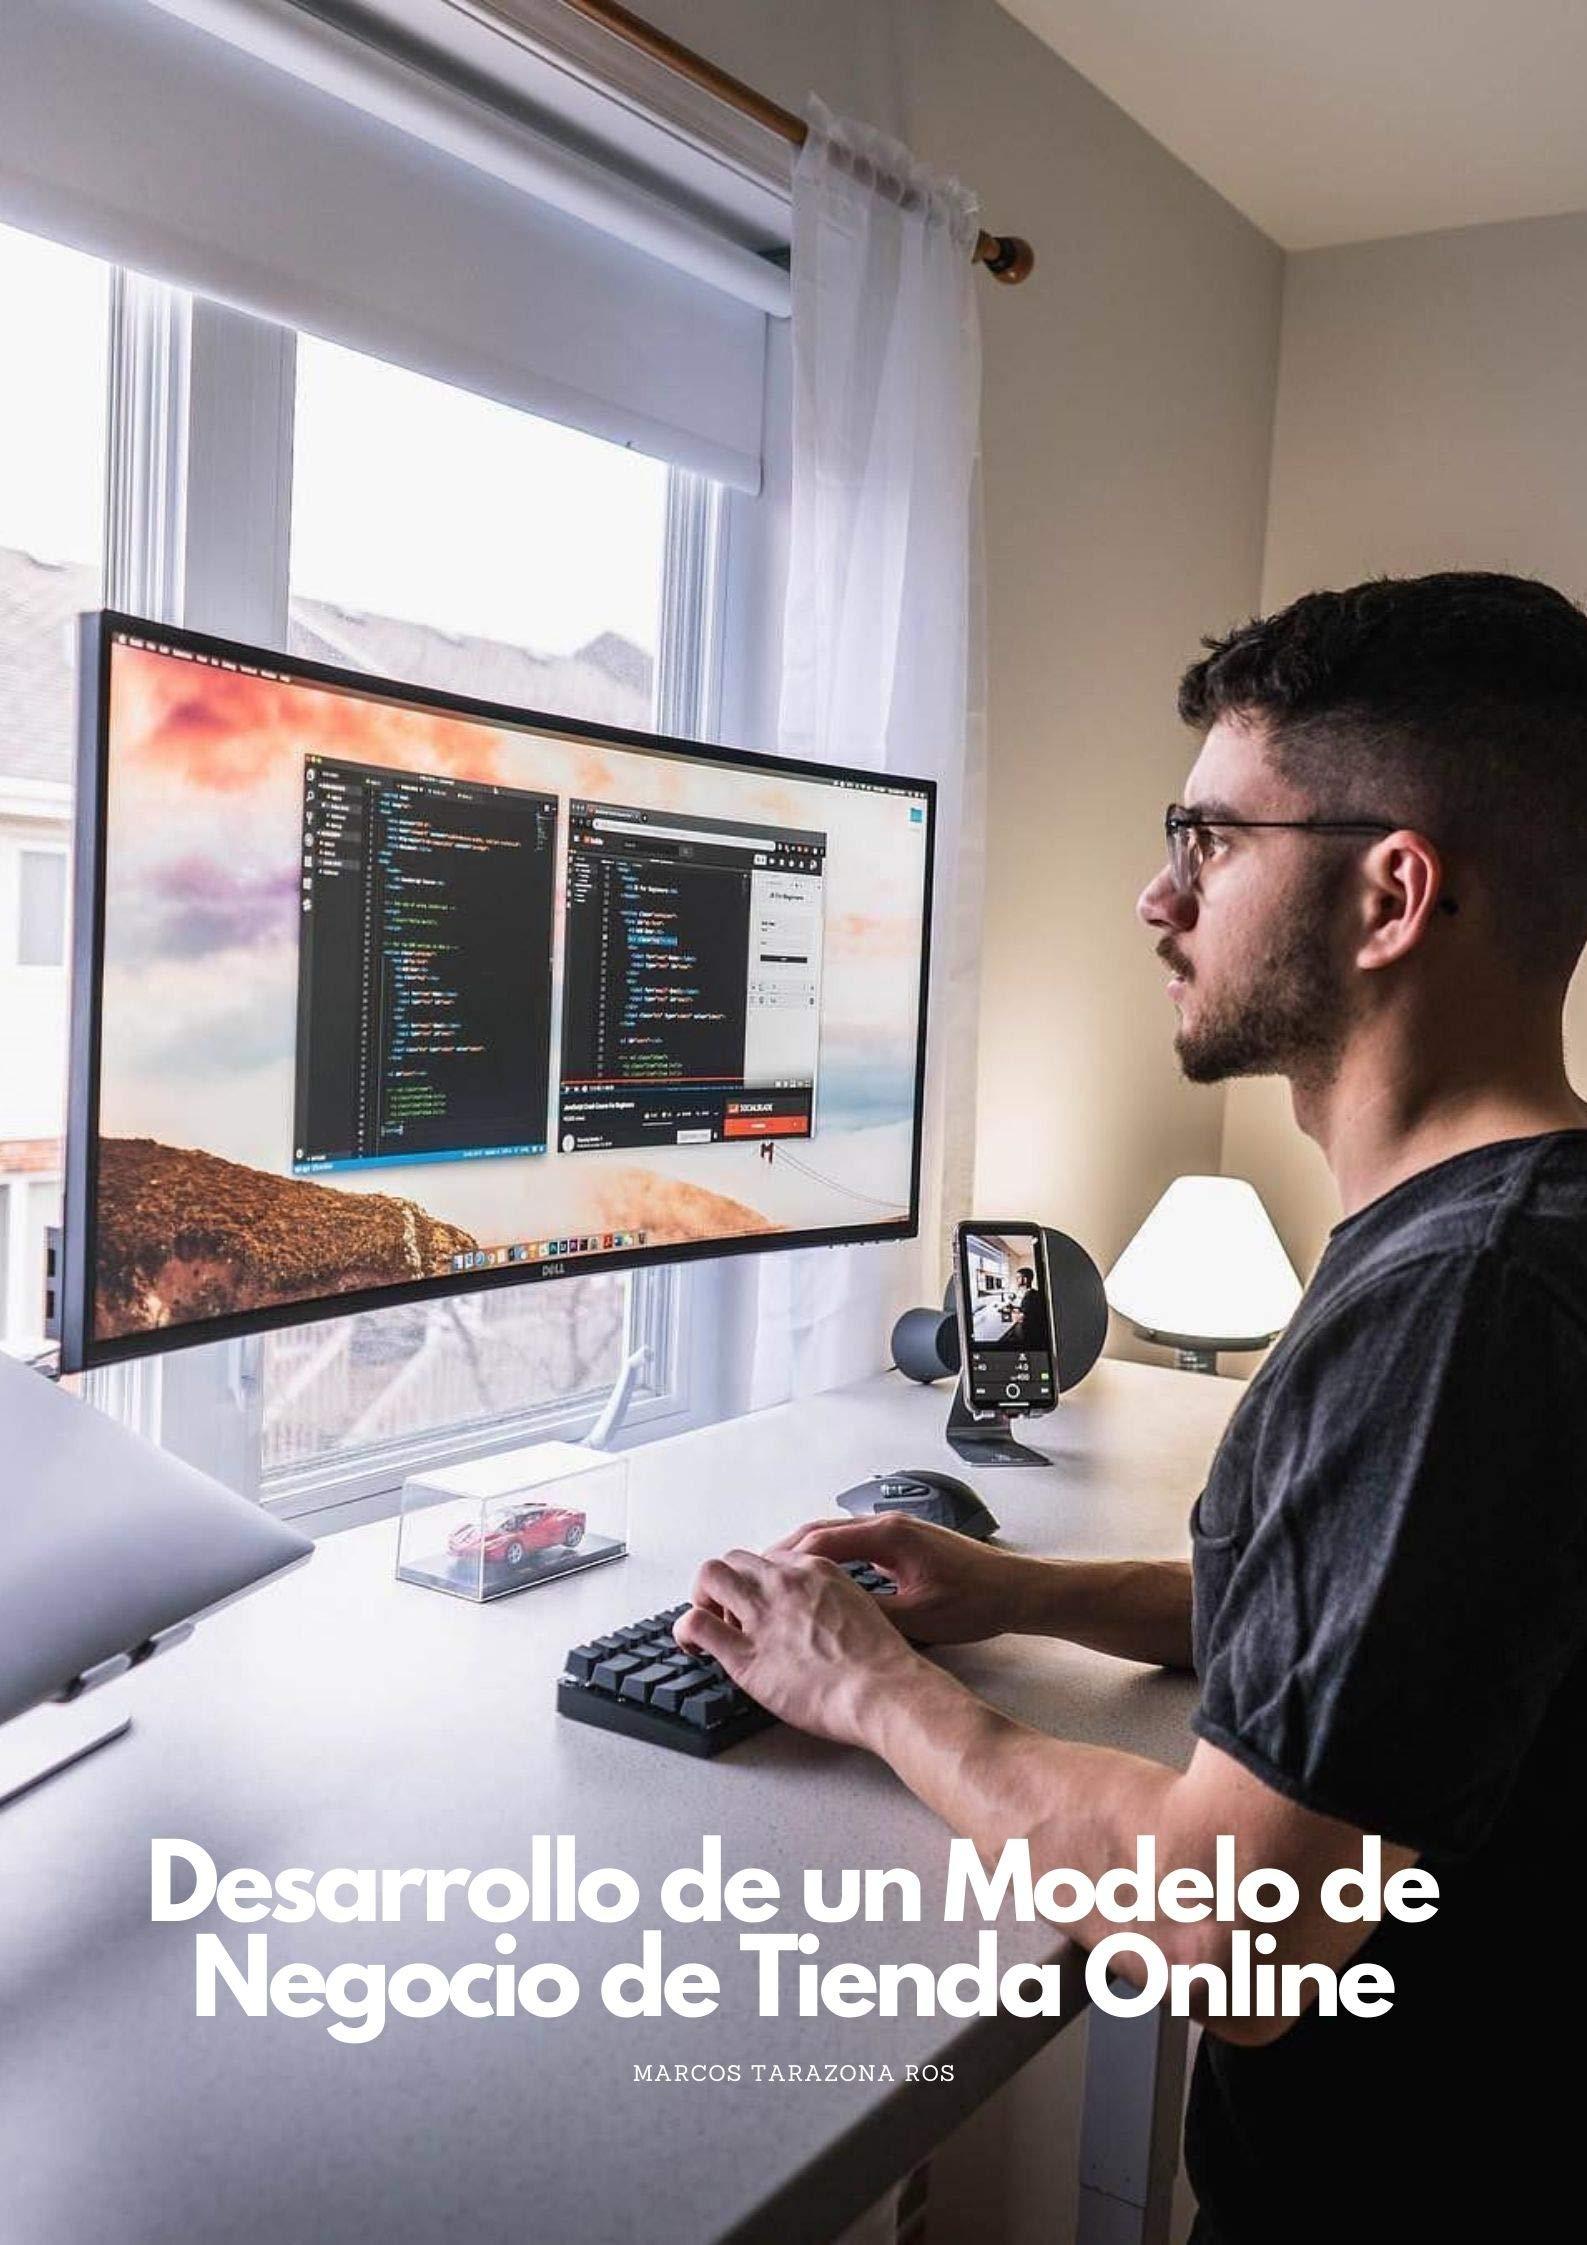 Desarrollo de un Modelo de Negocio de Tienda Online: Todo lo que tienes que saber para comenzar un negocio exitoso (Spanish Edition)